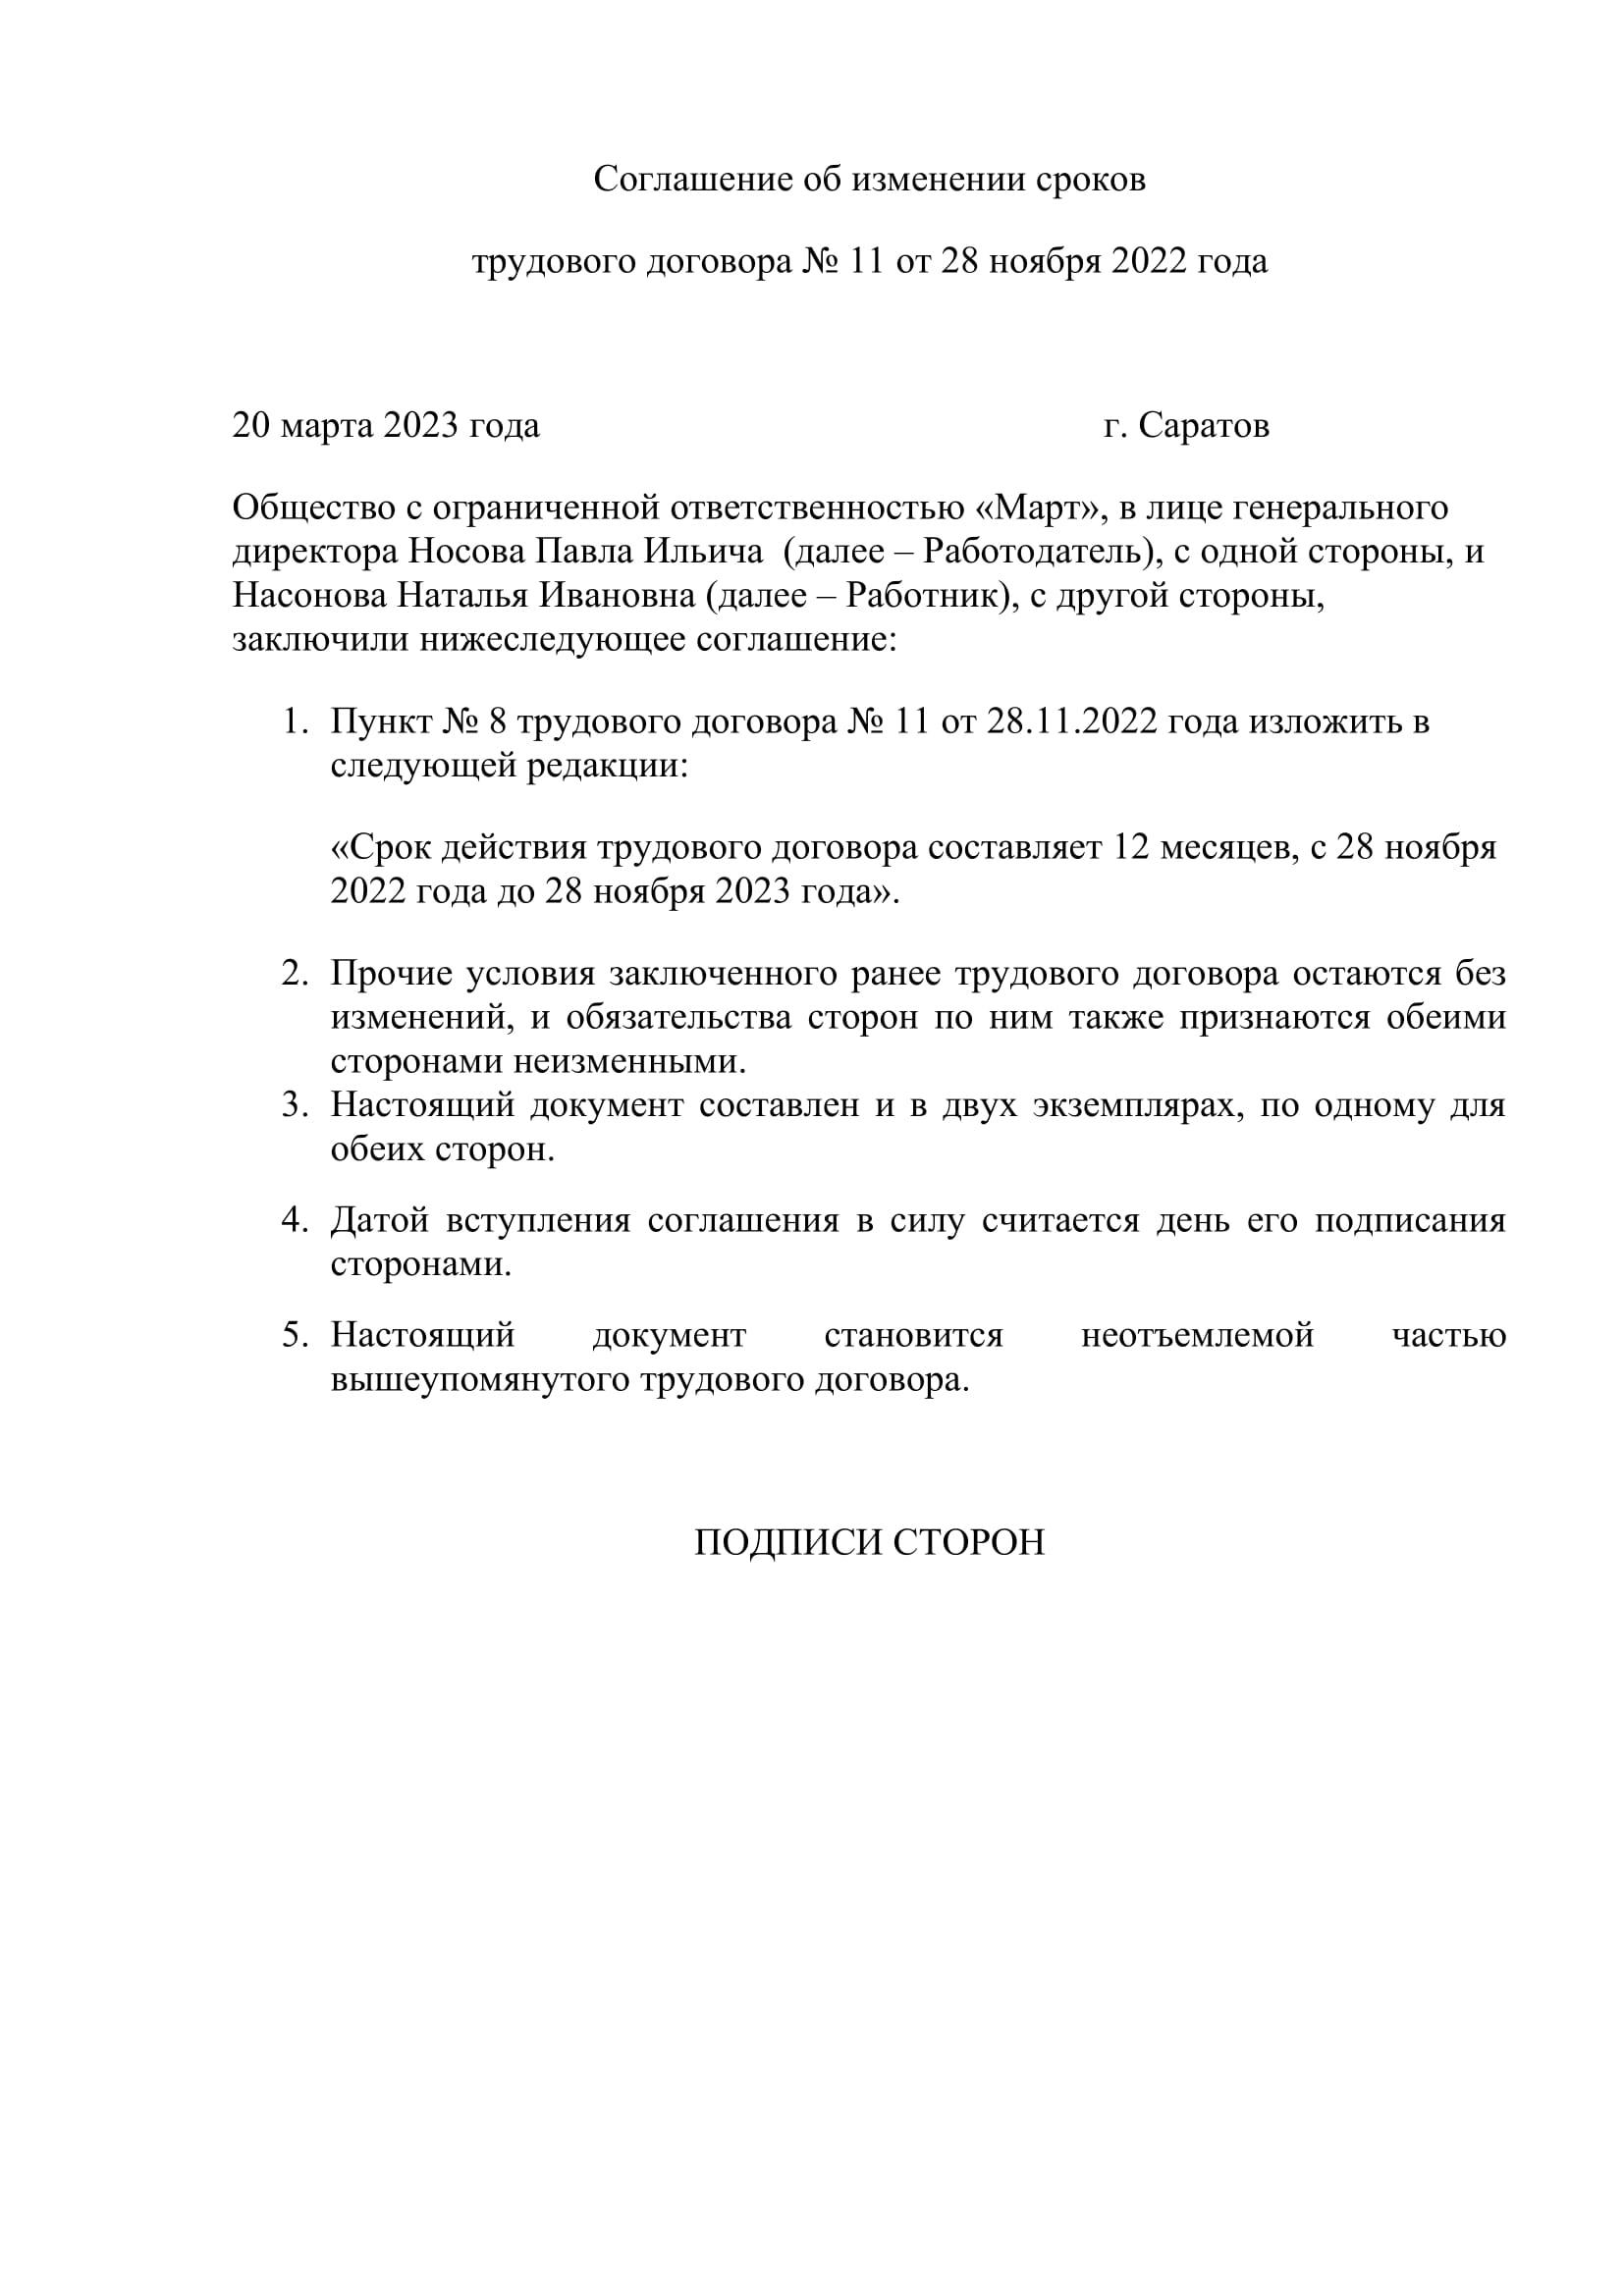 продление срока действия договора займа